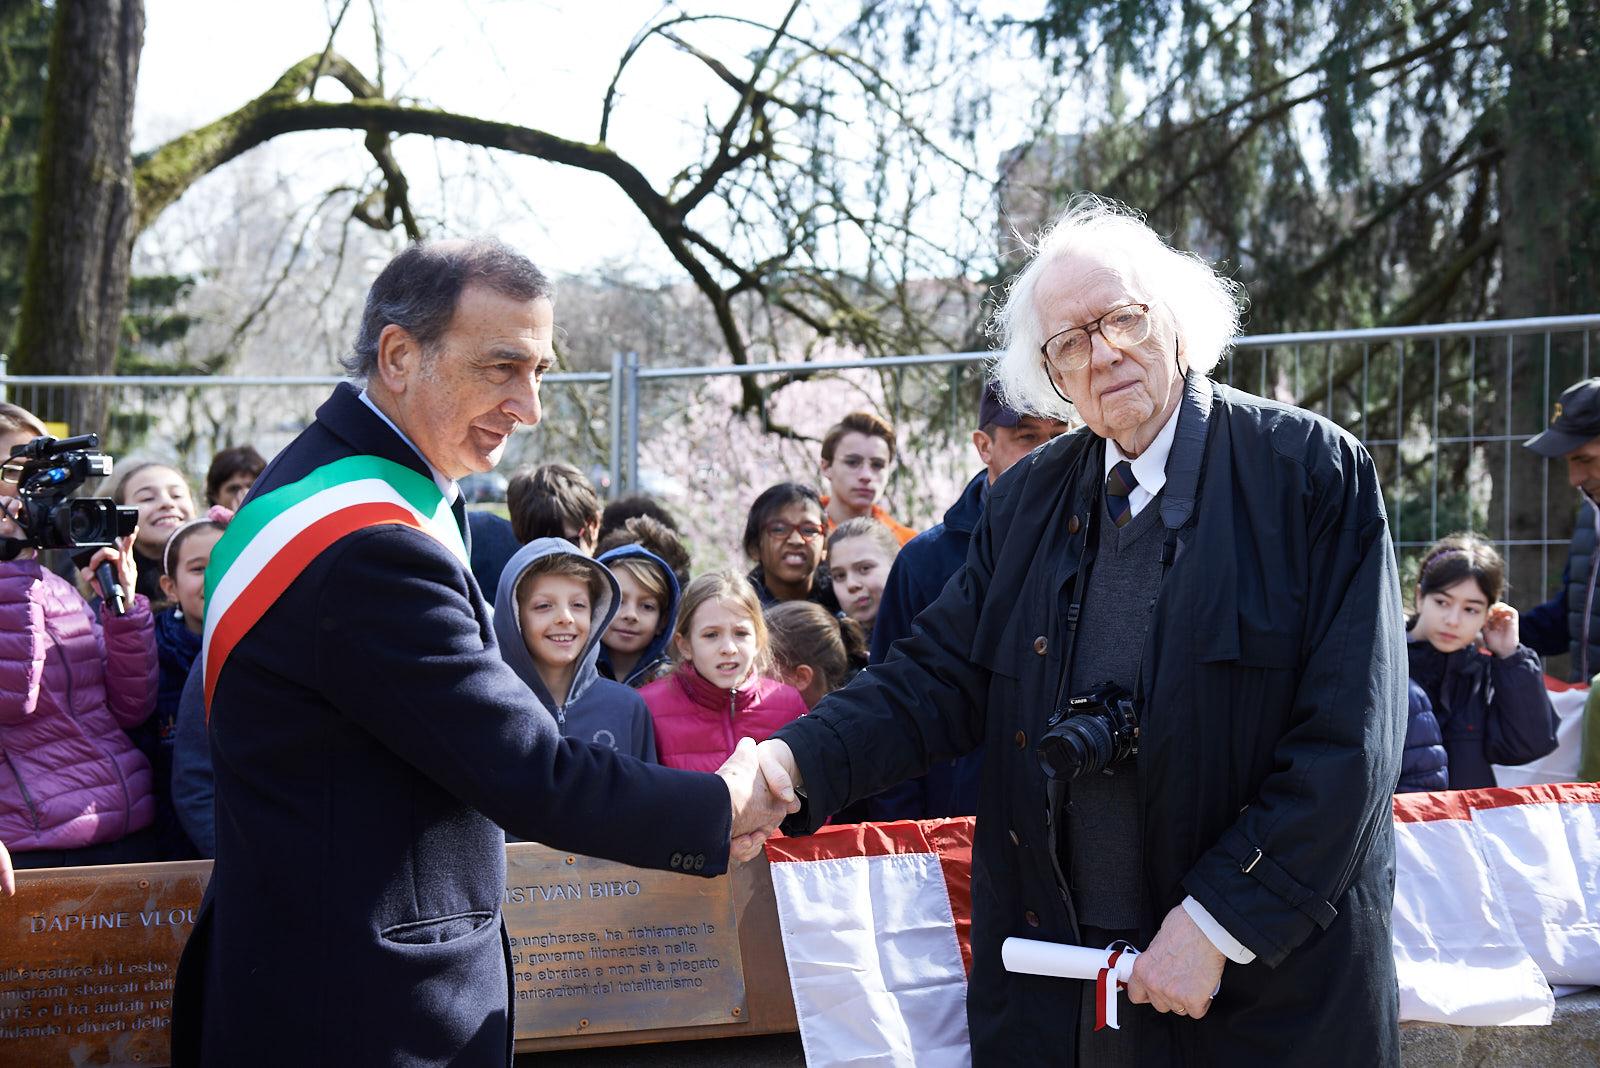 Istvan Bibo con Giuseppe Sala per lo scoprimento della targa dedicata a Bibo